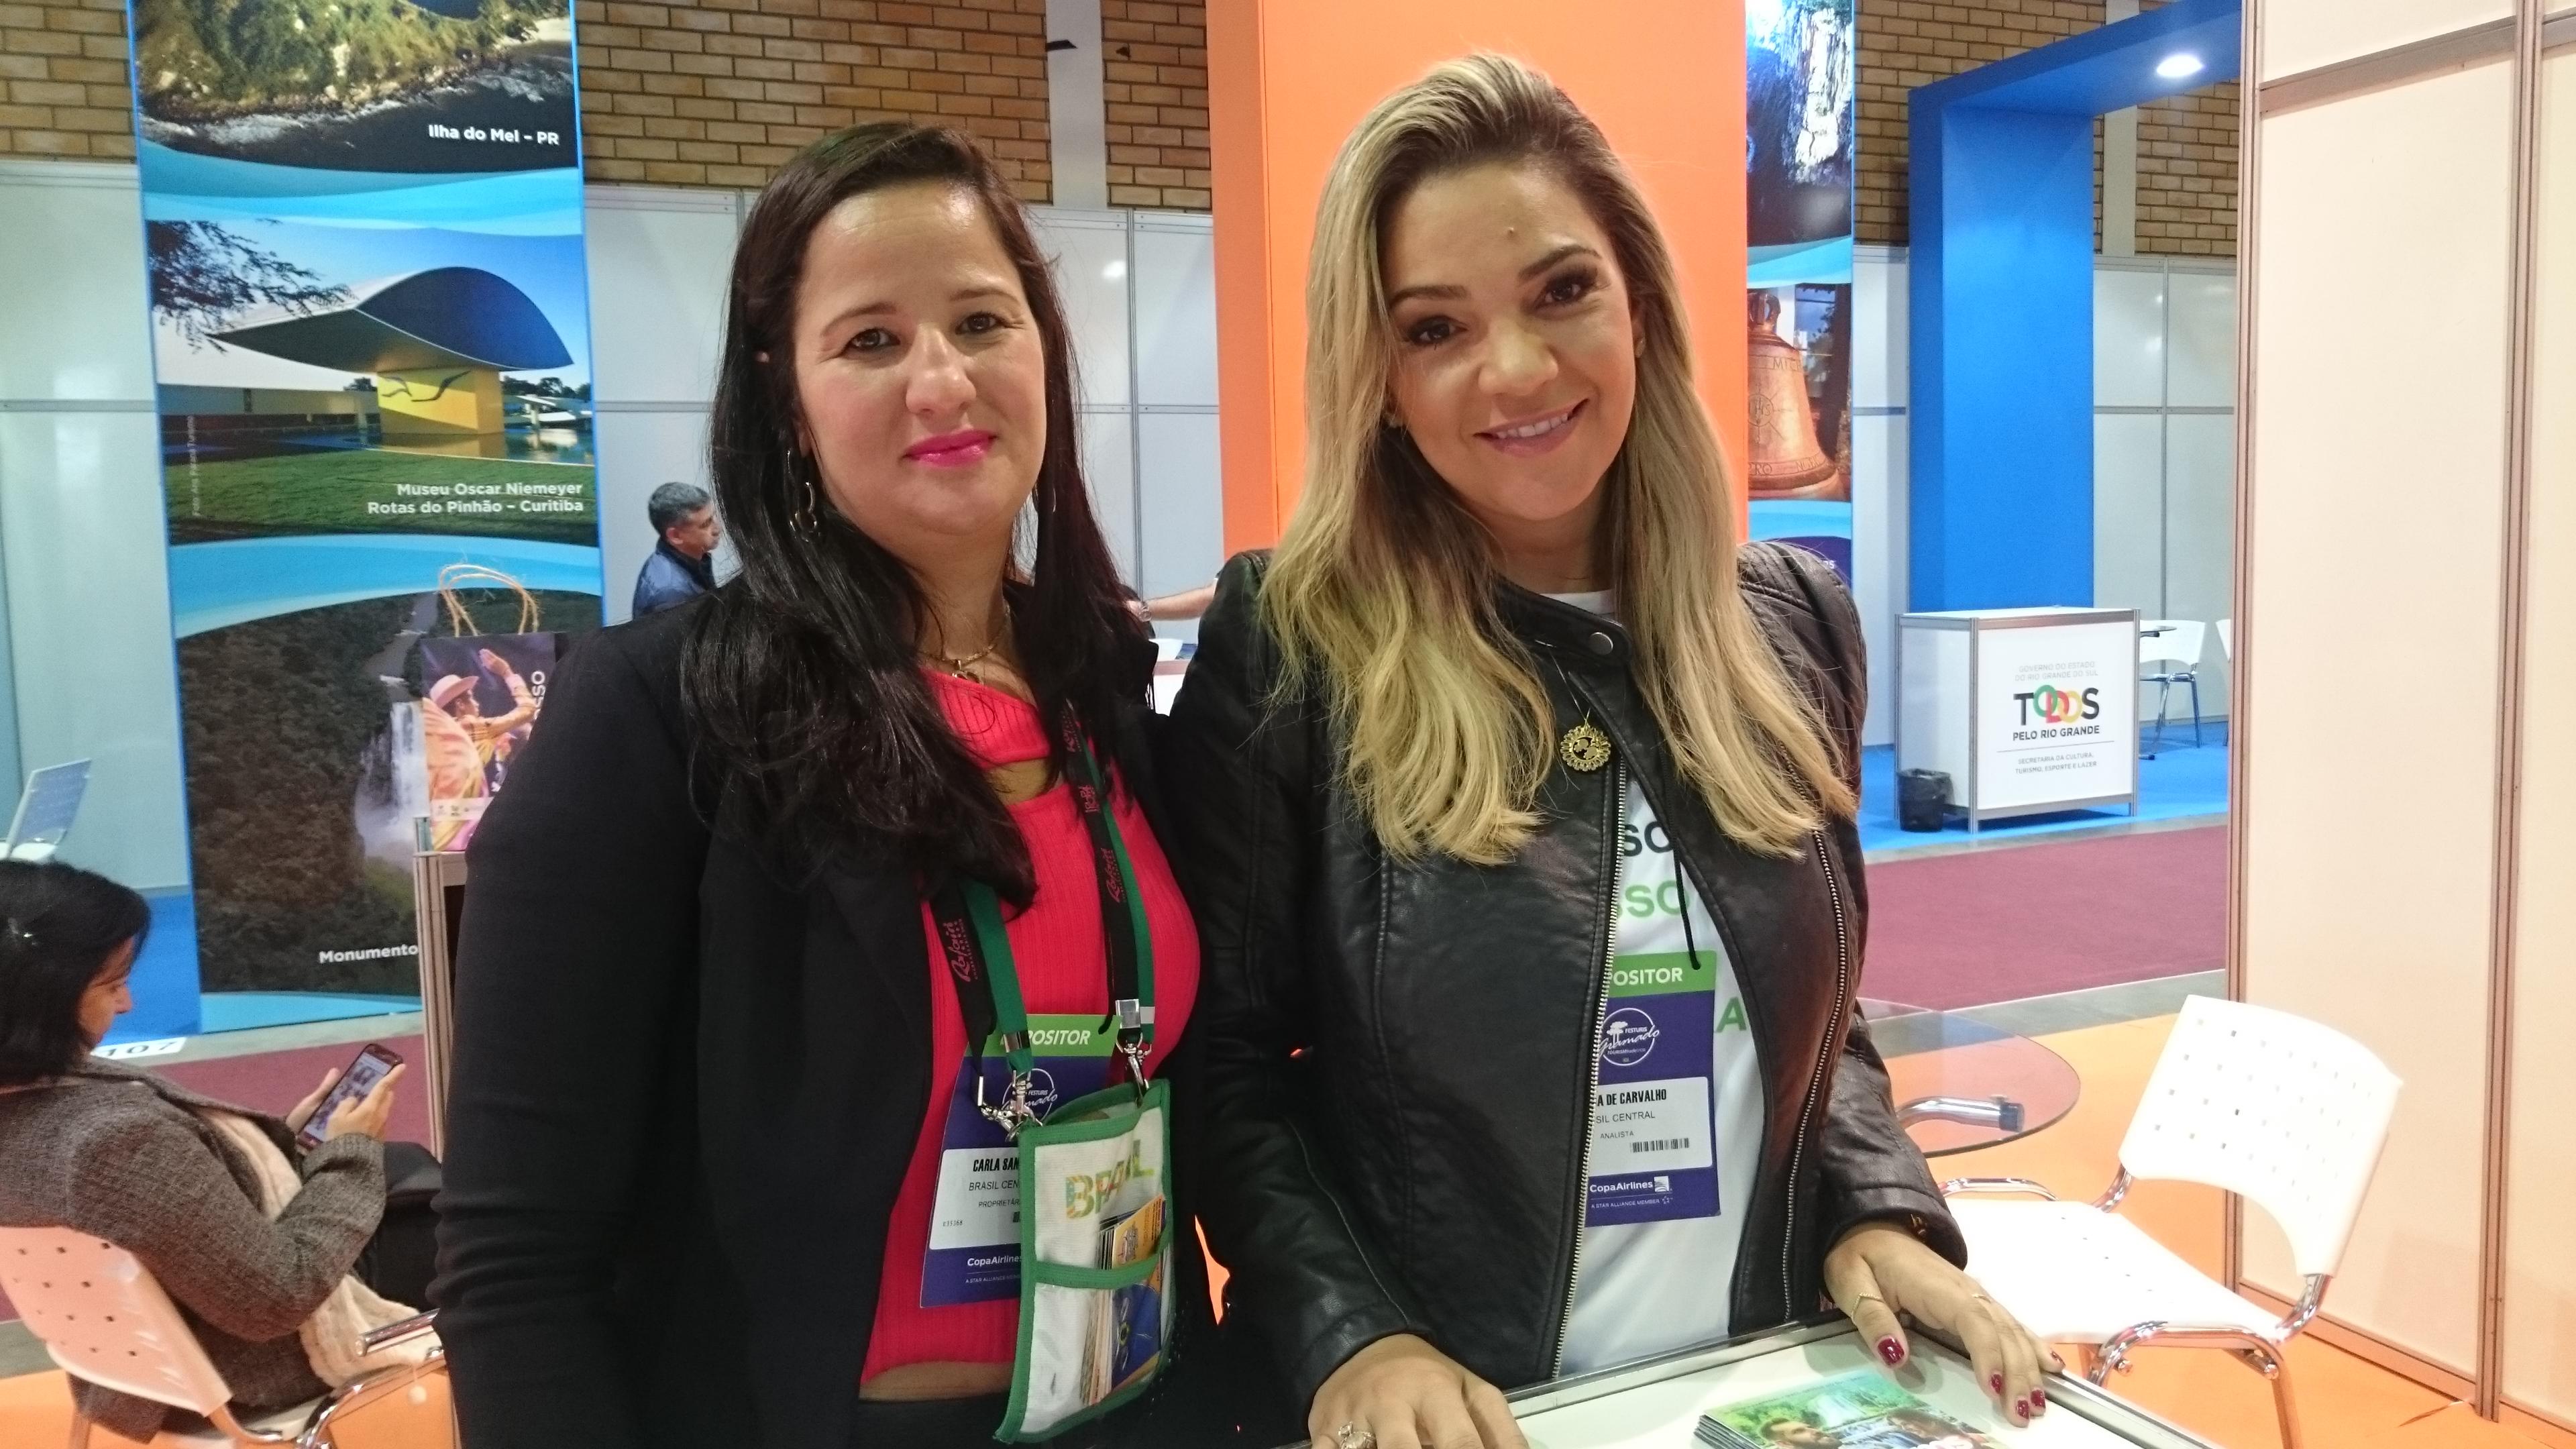 Carla Santana e Fabiana de Carvalho, da Brasil Cultural